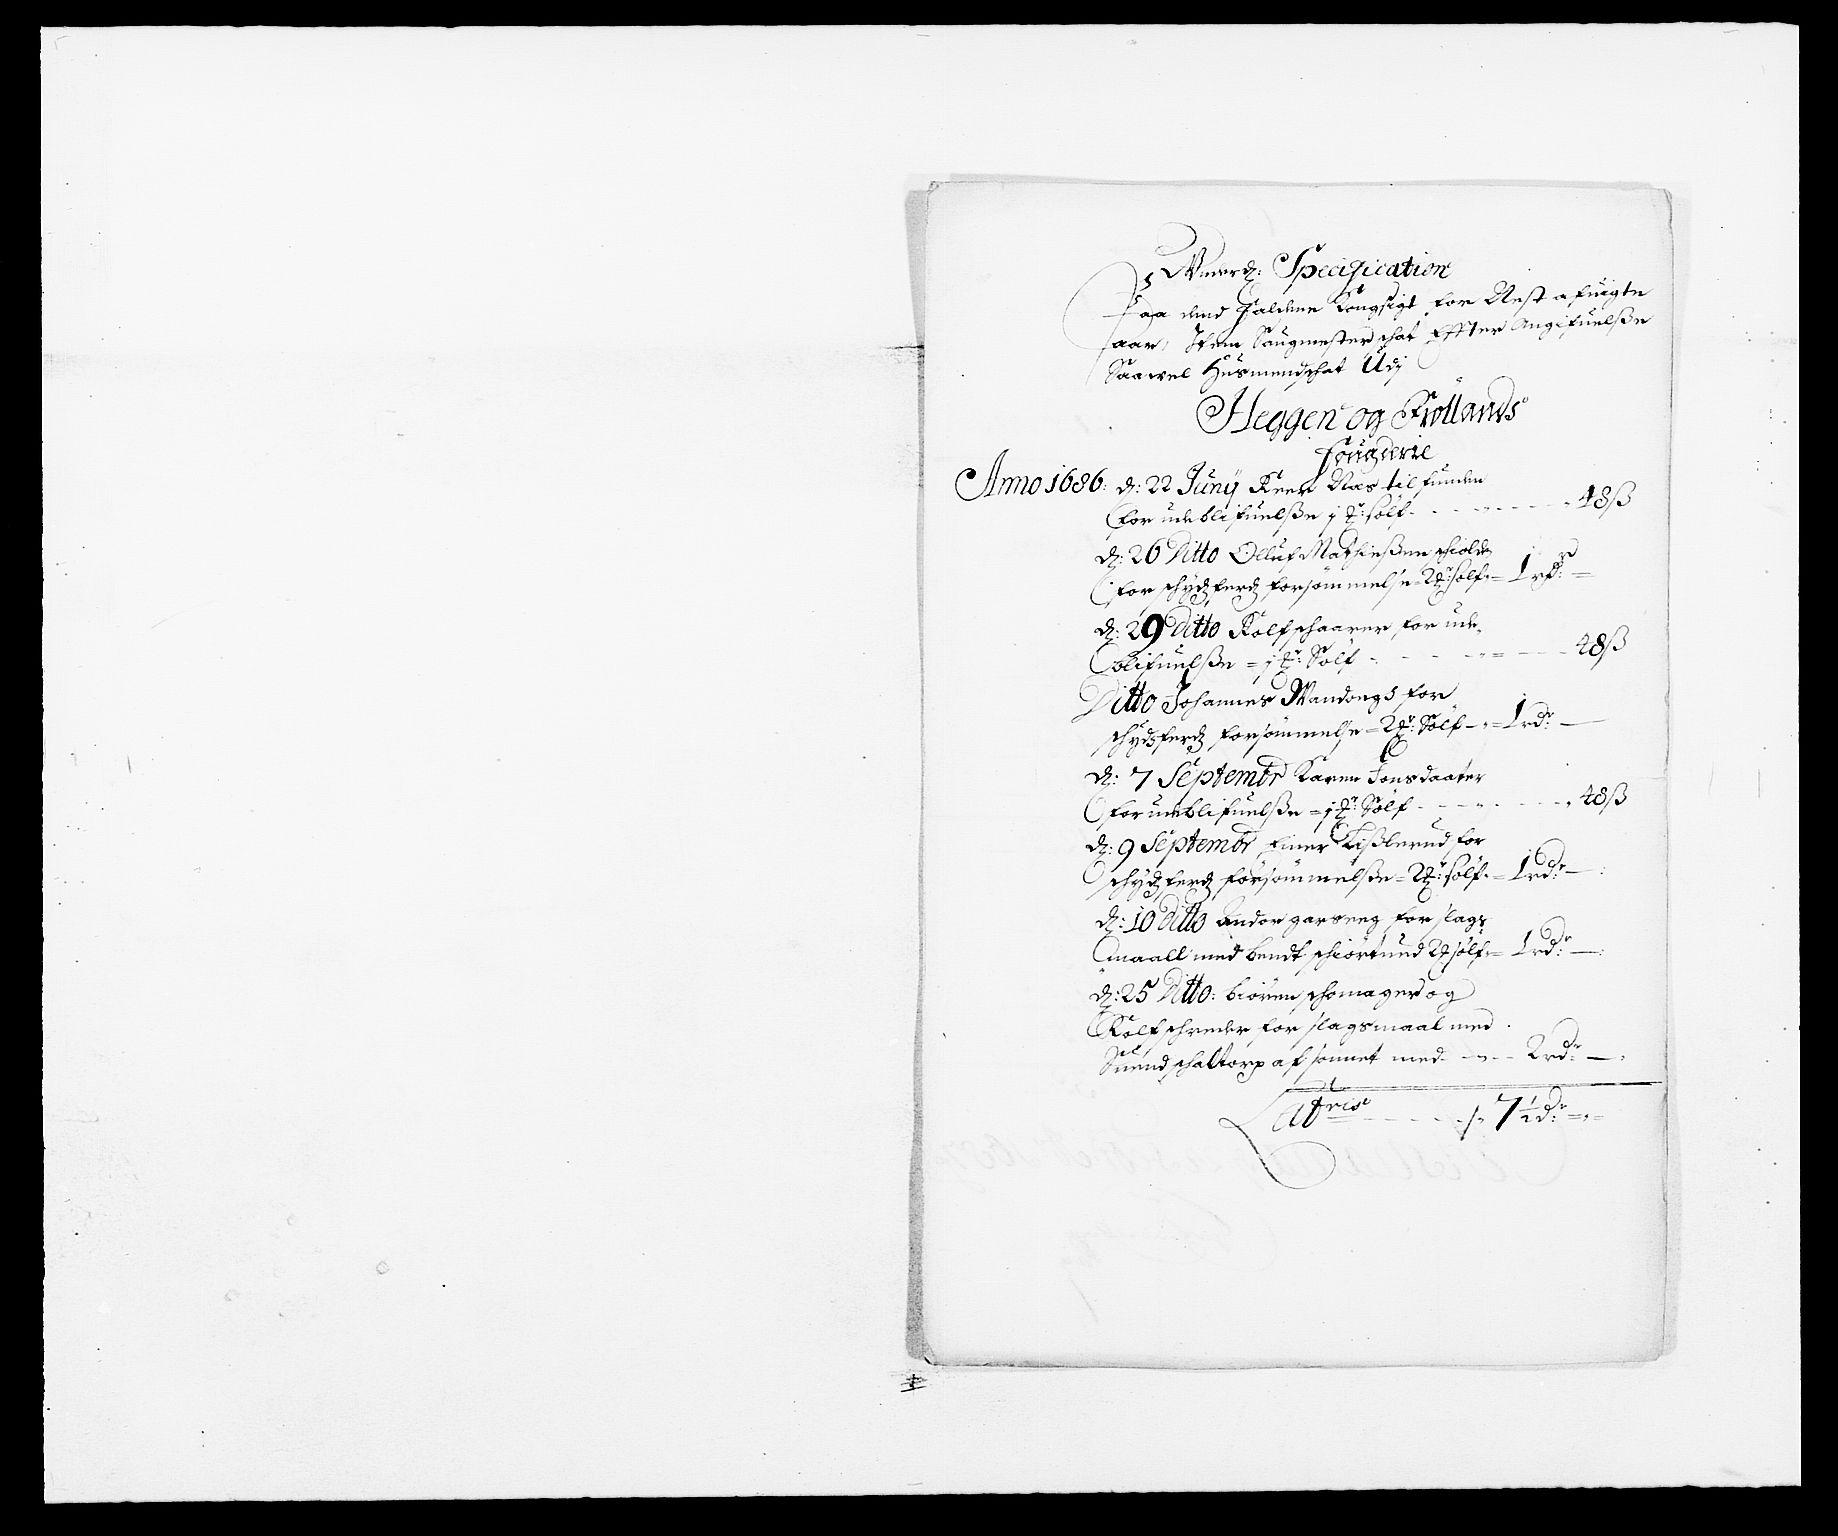 RA, Rentekammeret inntil 1814, Reviderte regnskaper, Fogderegnskap, R06/L0281: Fogderegnskap Heggen og Frøland, 1678-1686, s. 83